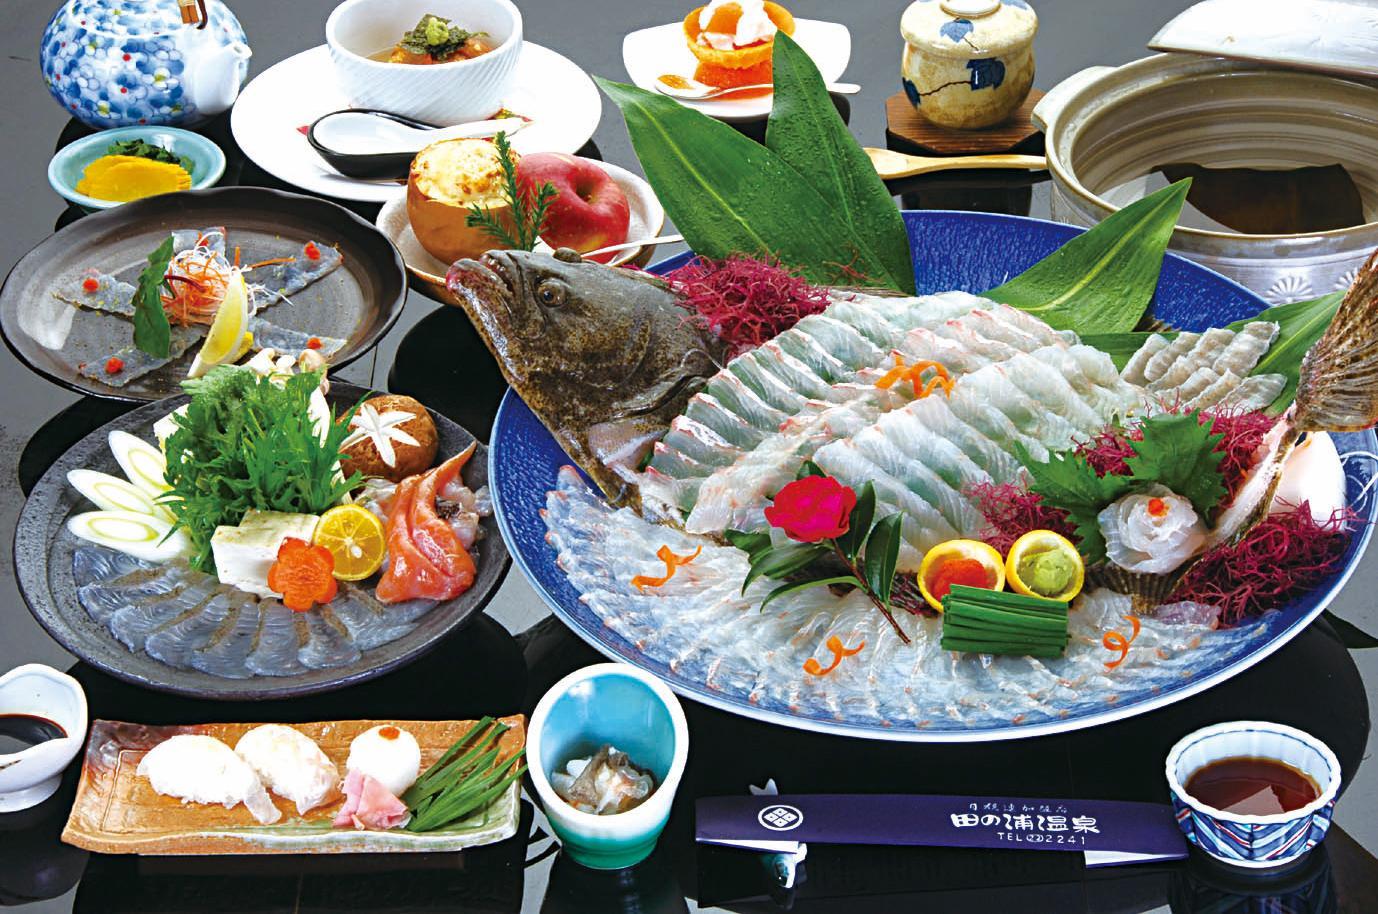 わざわざ食べに行きたい!旬の魚介を産地で味わおう-0